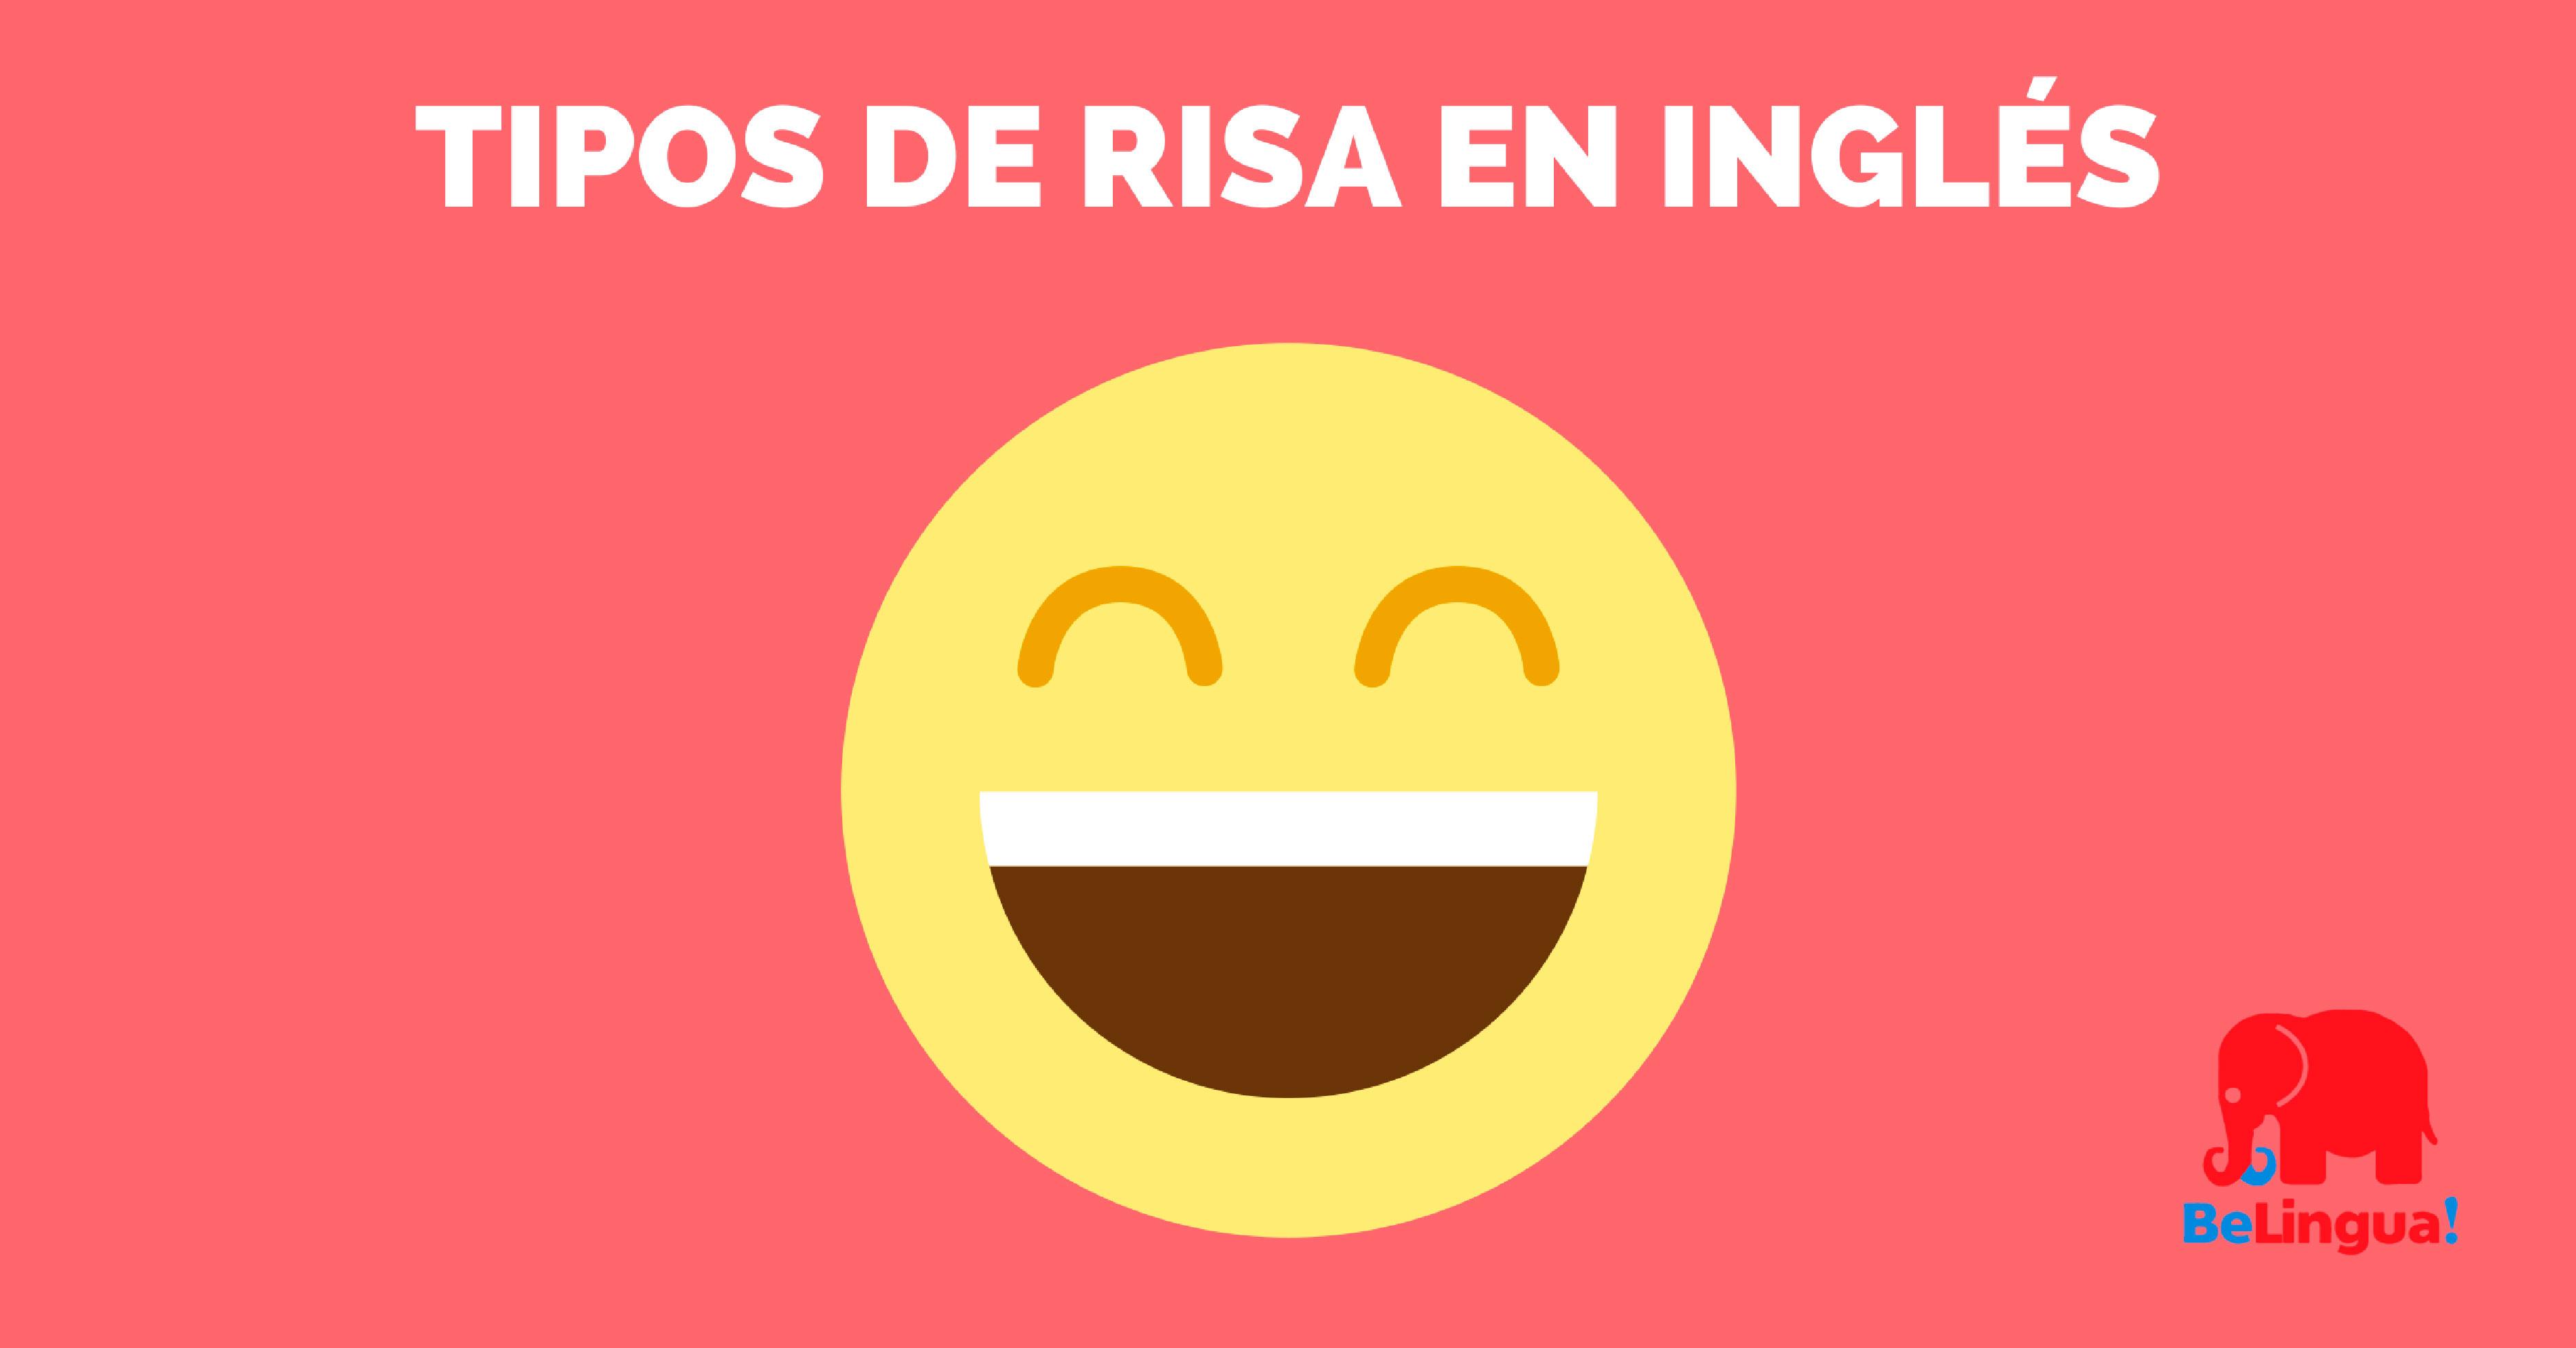 Vocabulario sobre tipos de risa en inglés